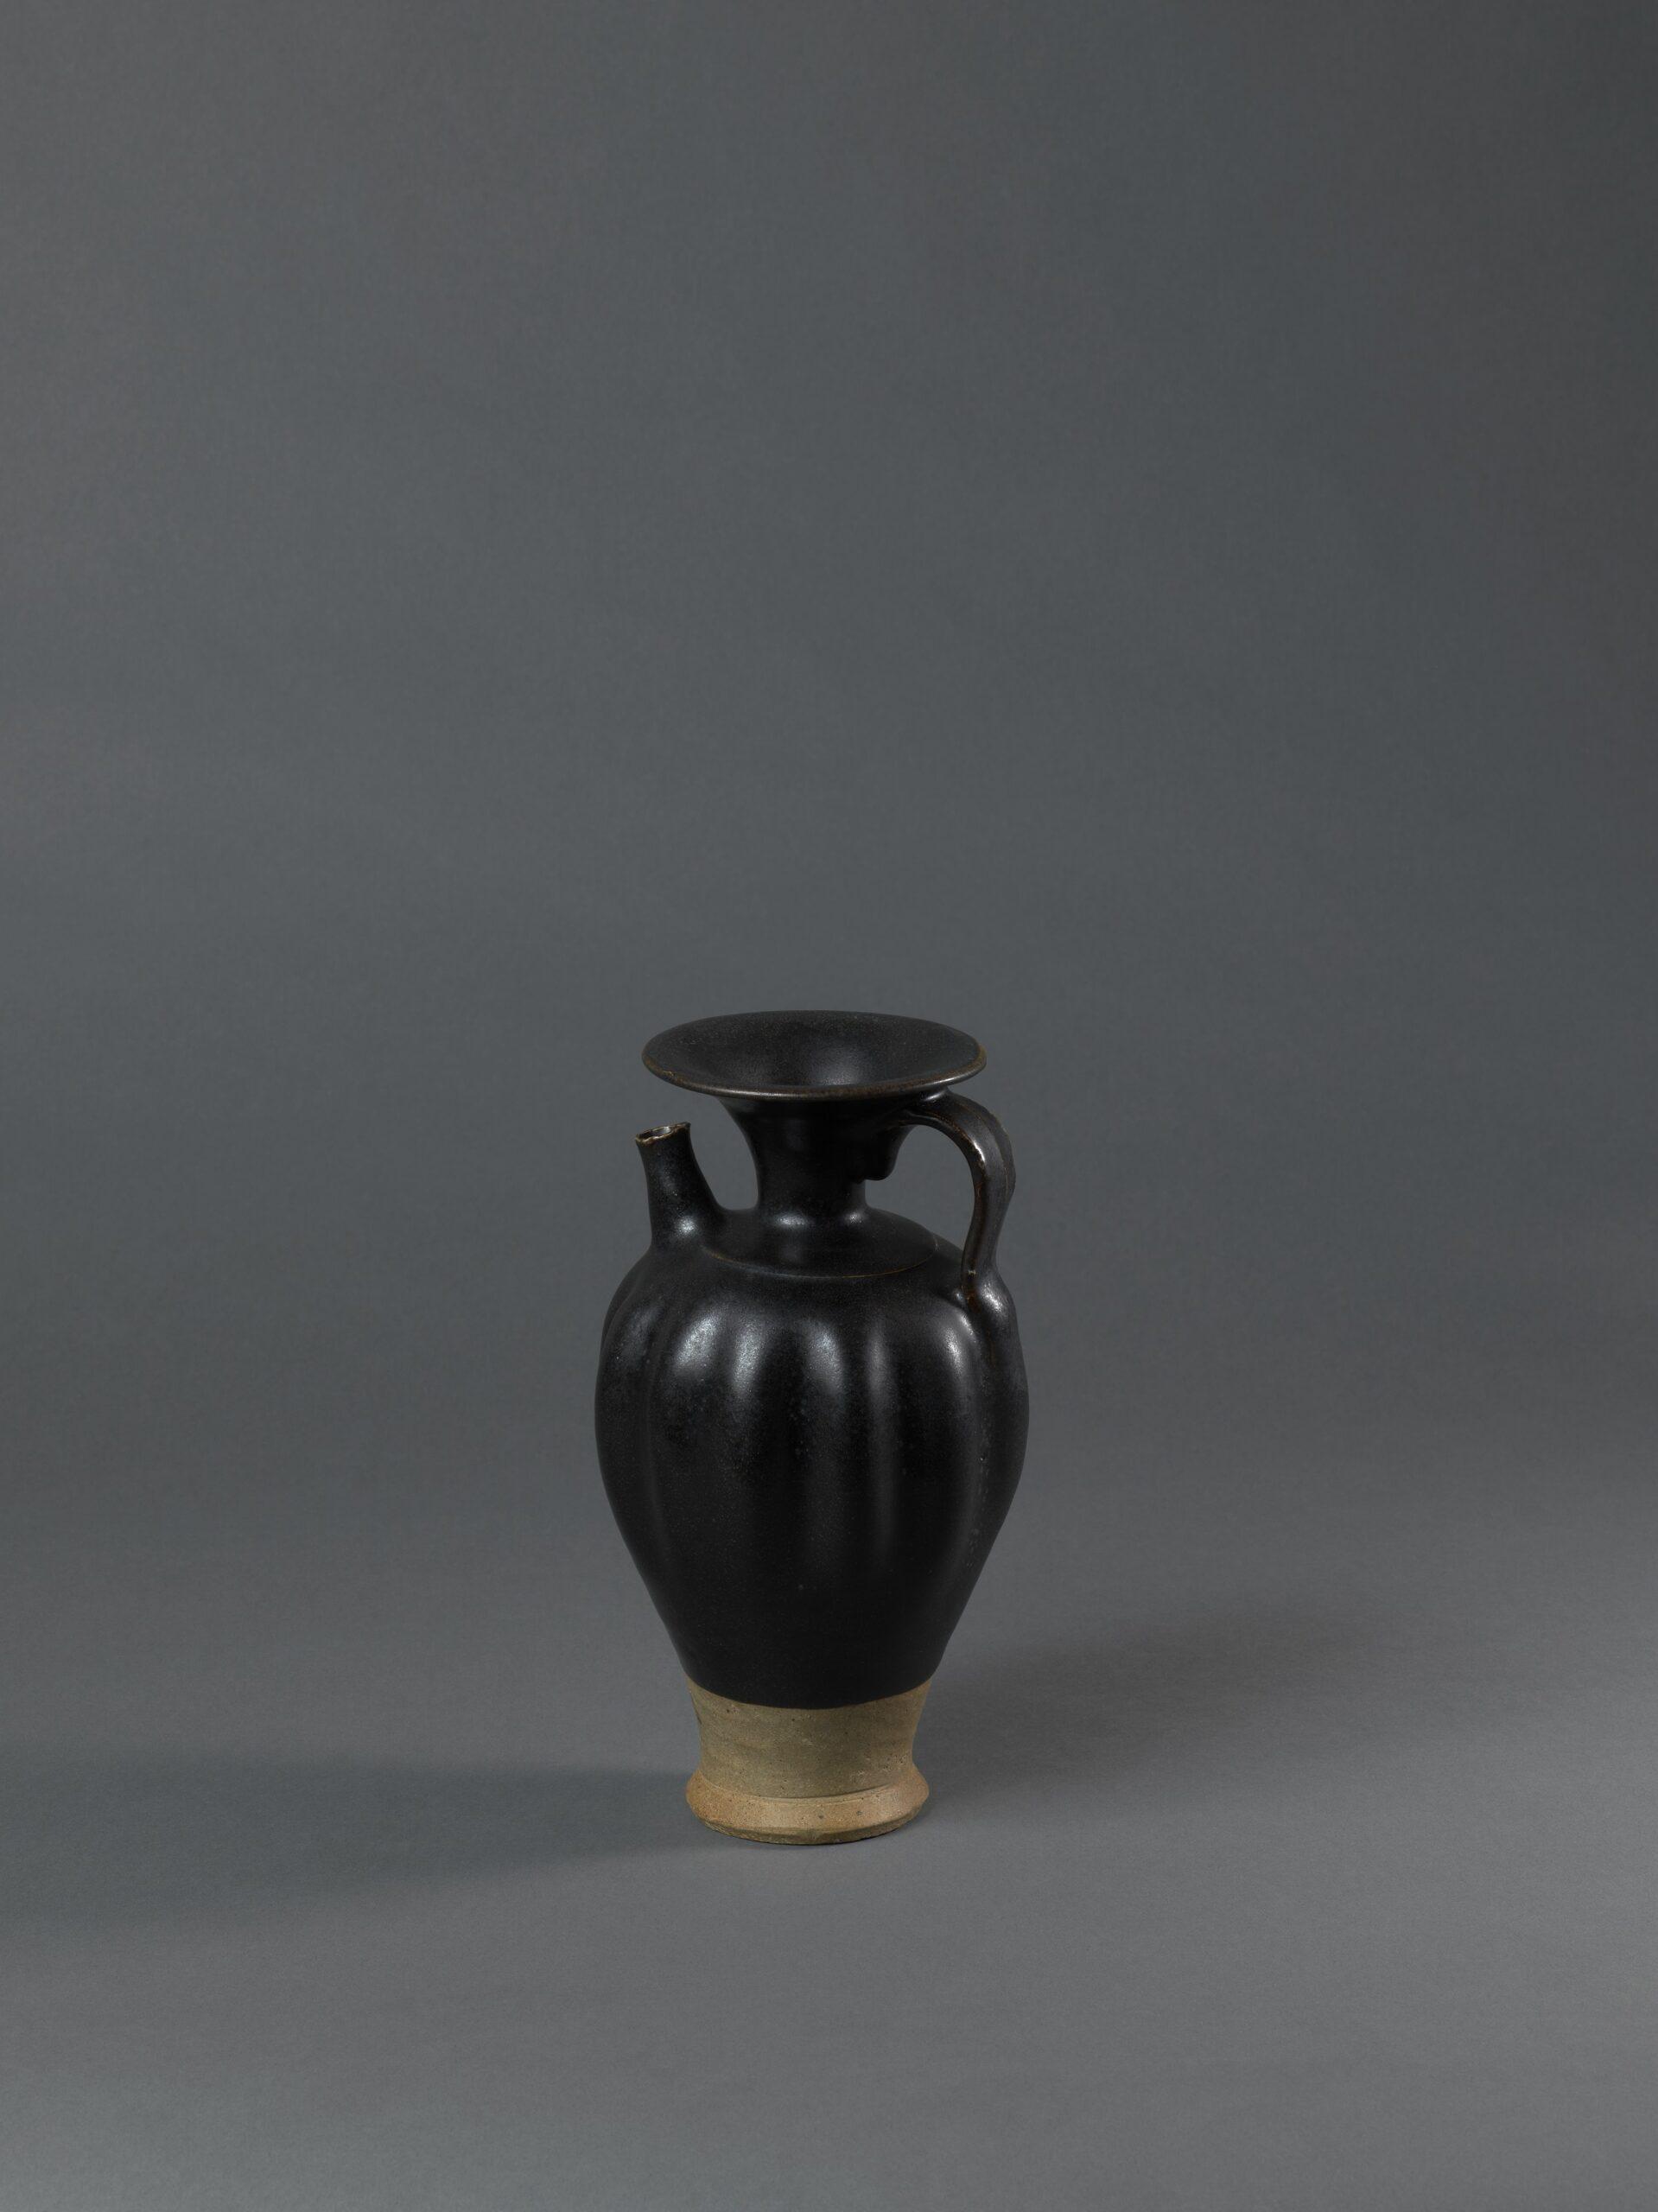 A Yaozhou black-glazed stoneware lobed ewer